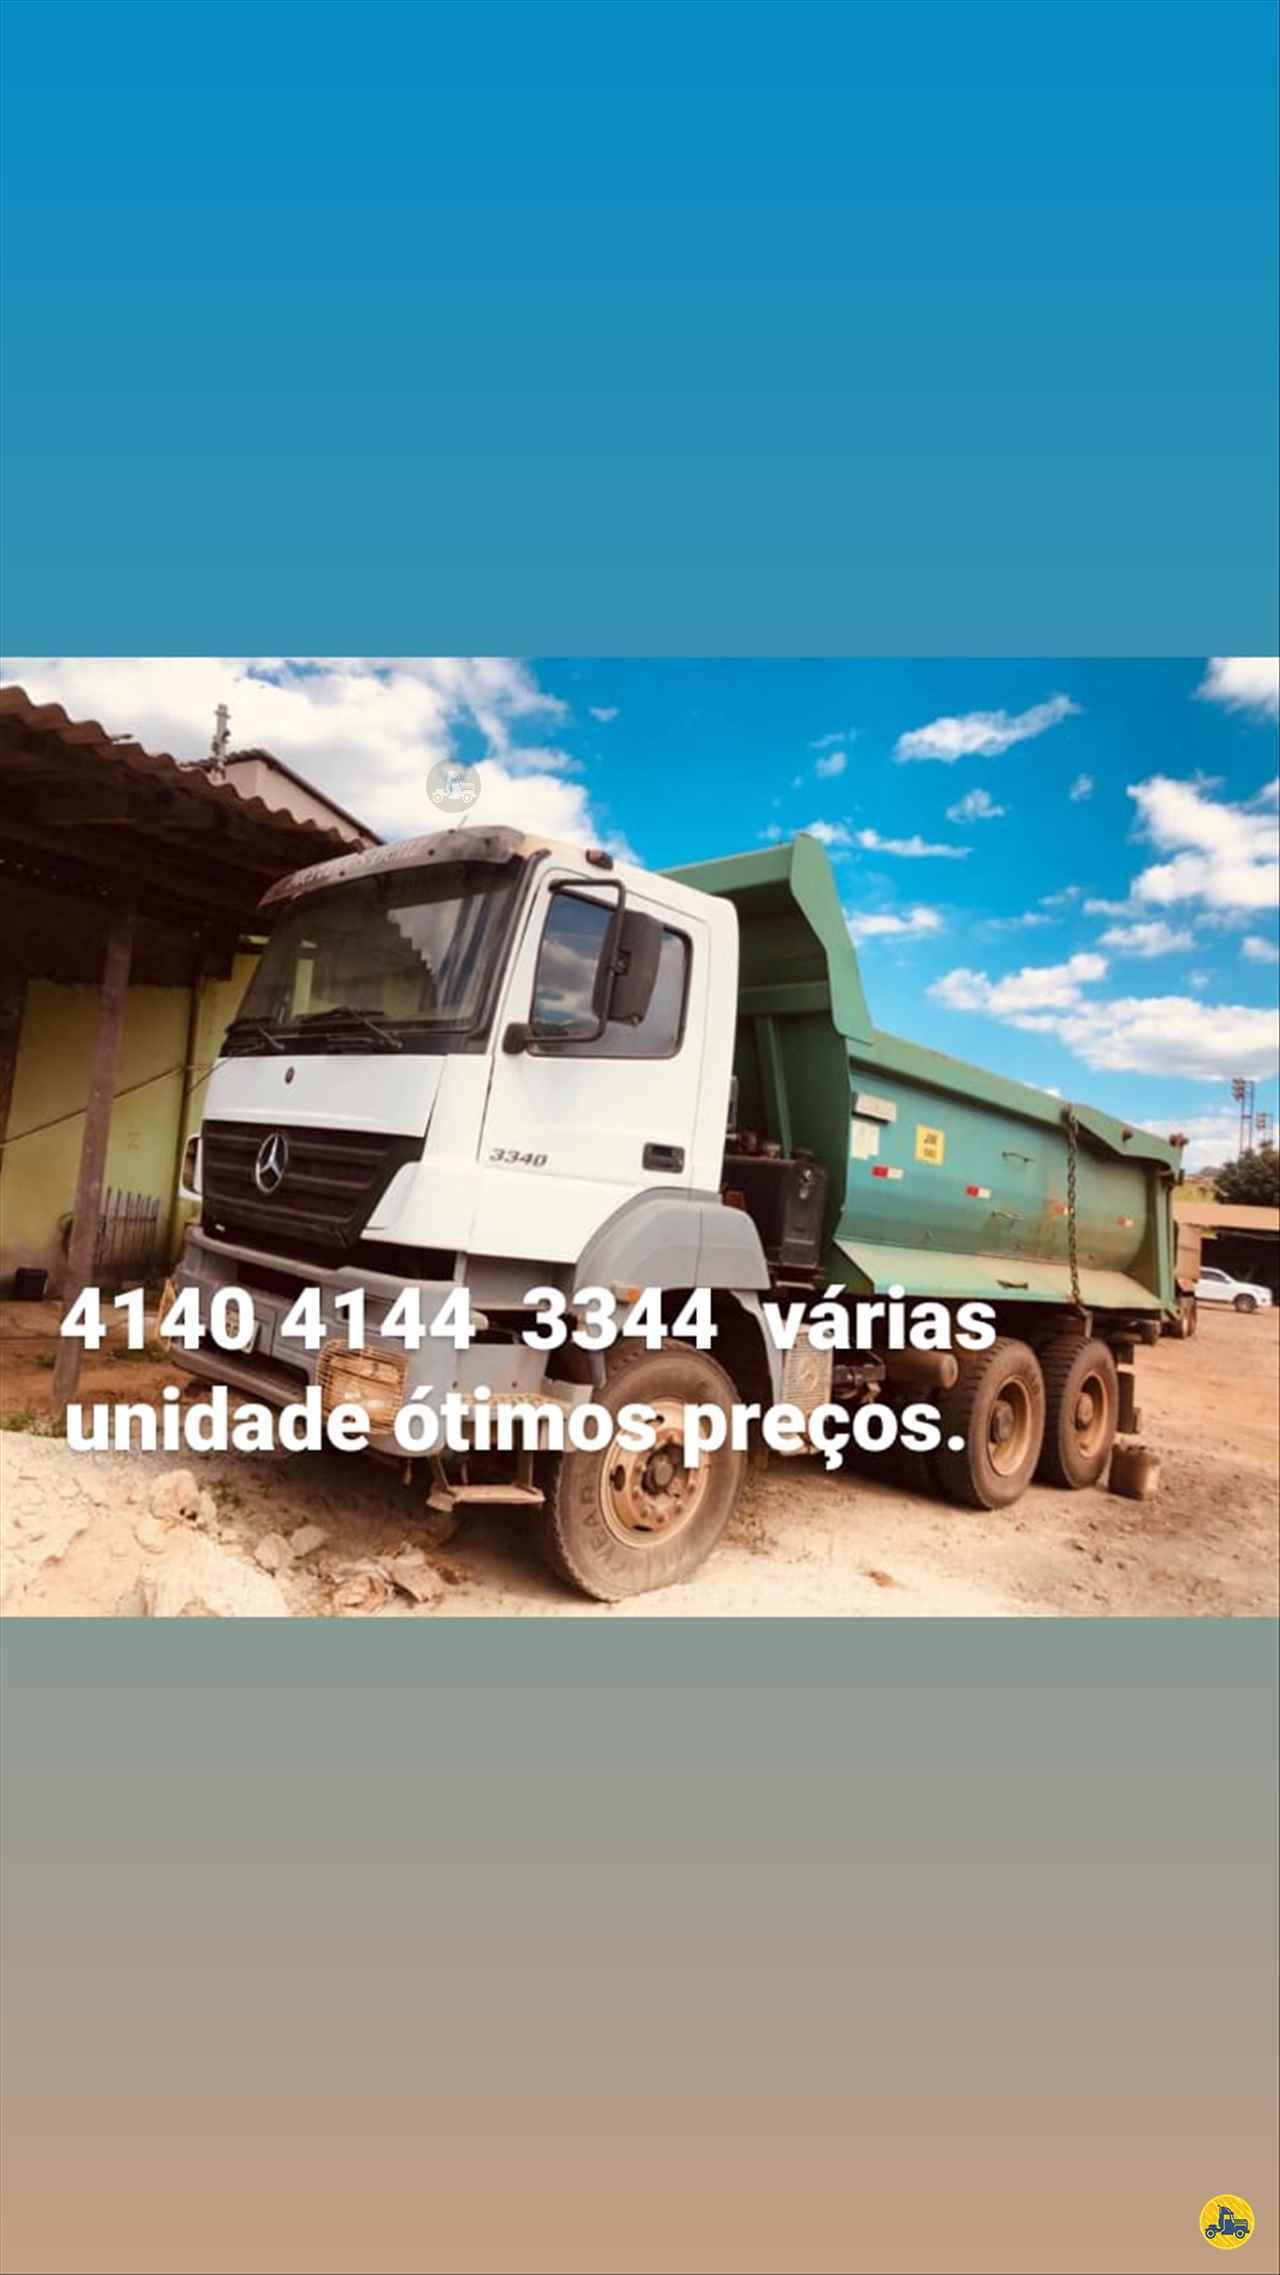 CAMINHAO MERCEDES-BENZ MB 3340 Caçamba Basculante Traçado 6x4 Caminhões Certos CONTAGEM MINAS GERAIS MG